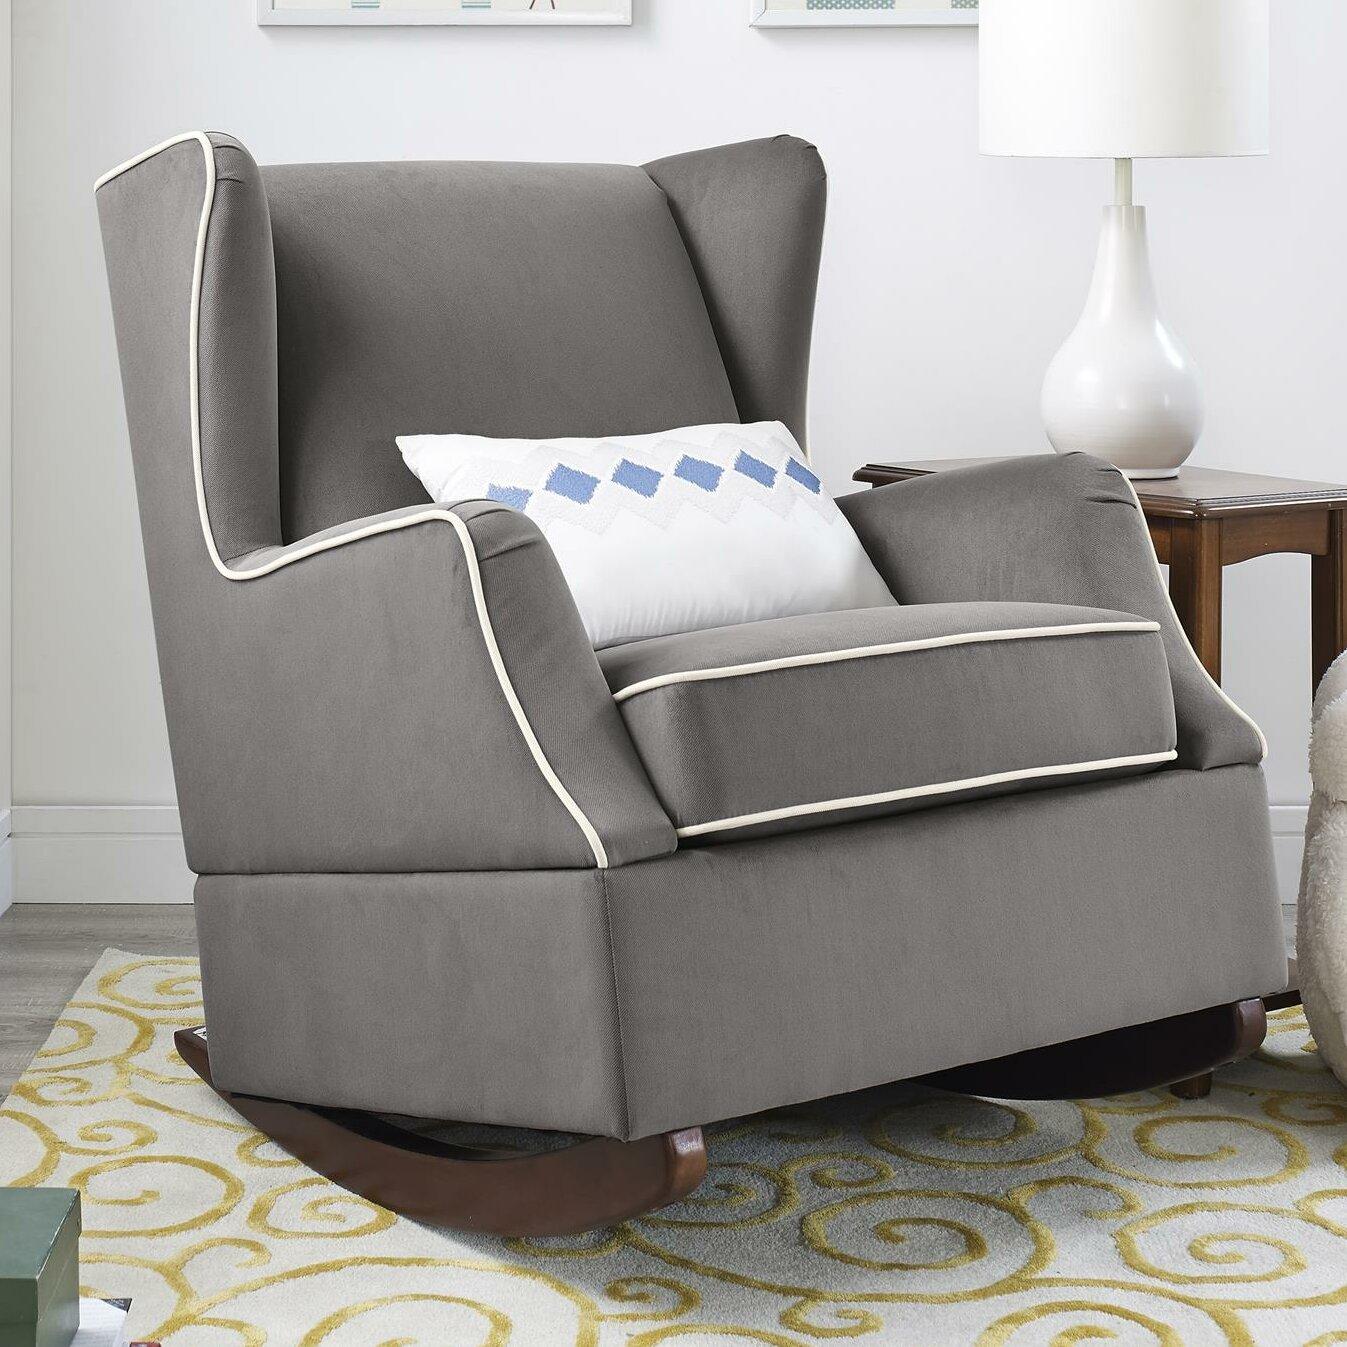 Stupendous Baby Relax Hudson Wingback Rocker Glider Reviews Wayfair Beatyapartments Chair Design Images Beatyapartmentscom